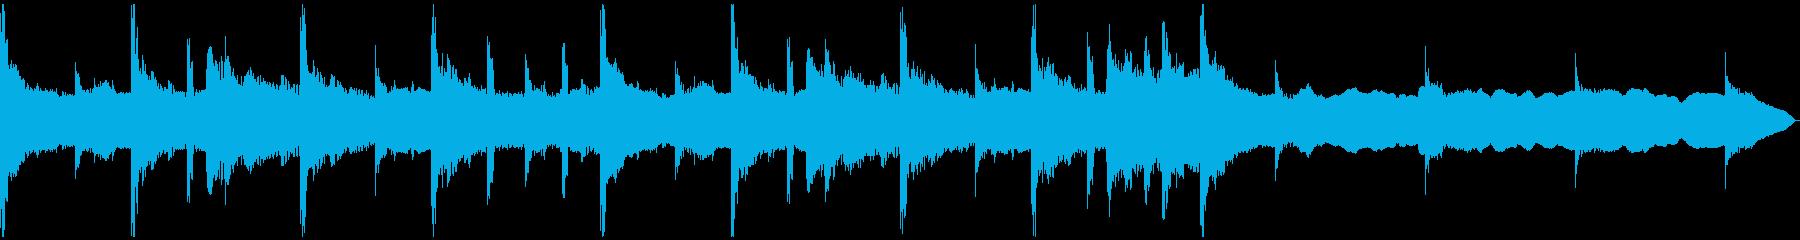 落ち着いたシンセCM1_30秒の再生済みの波形